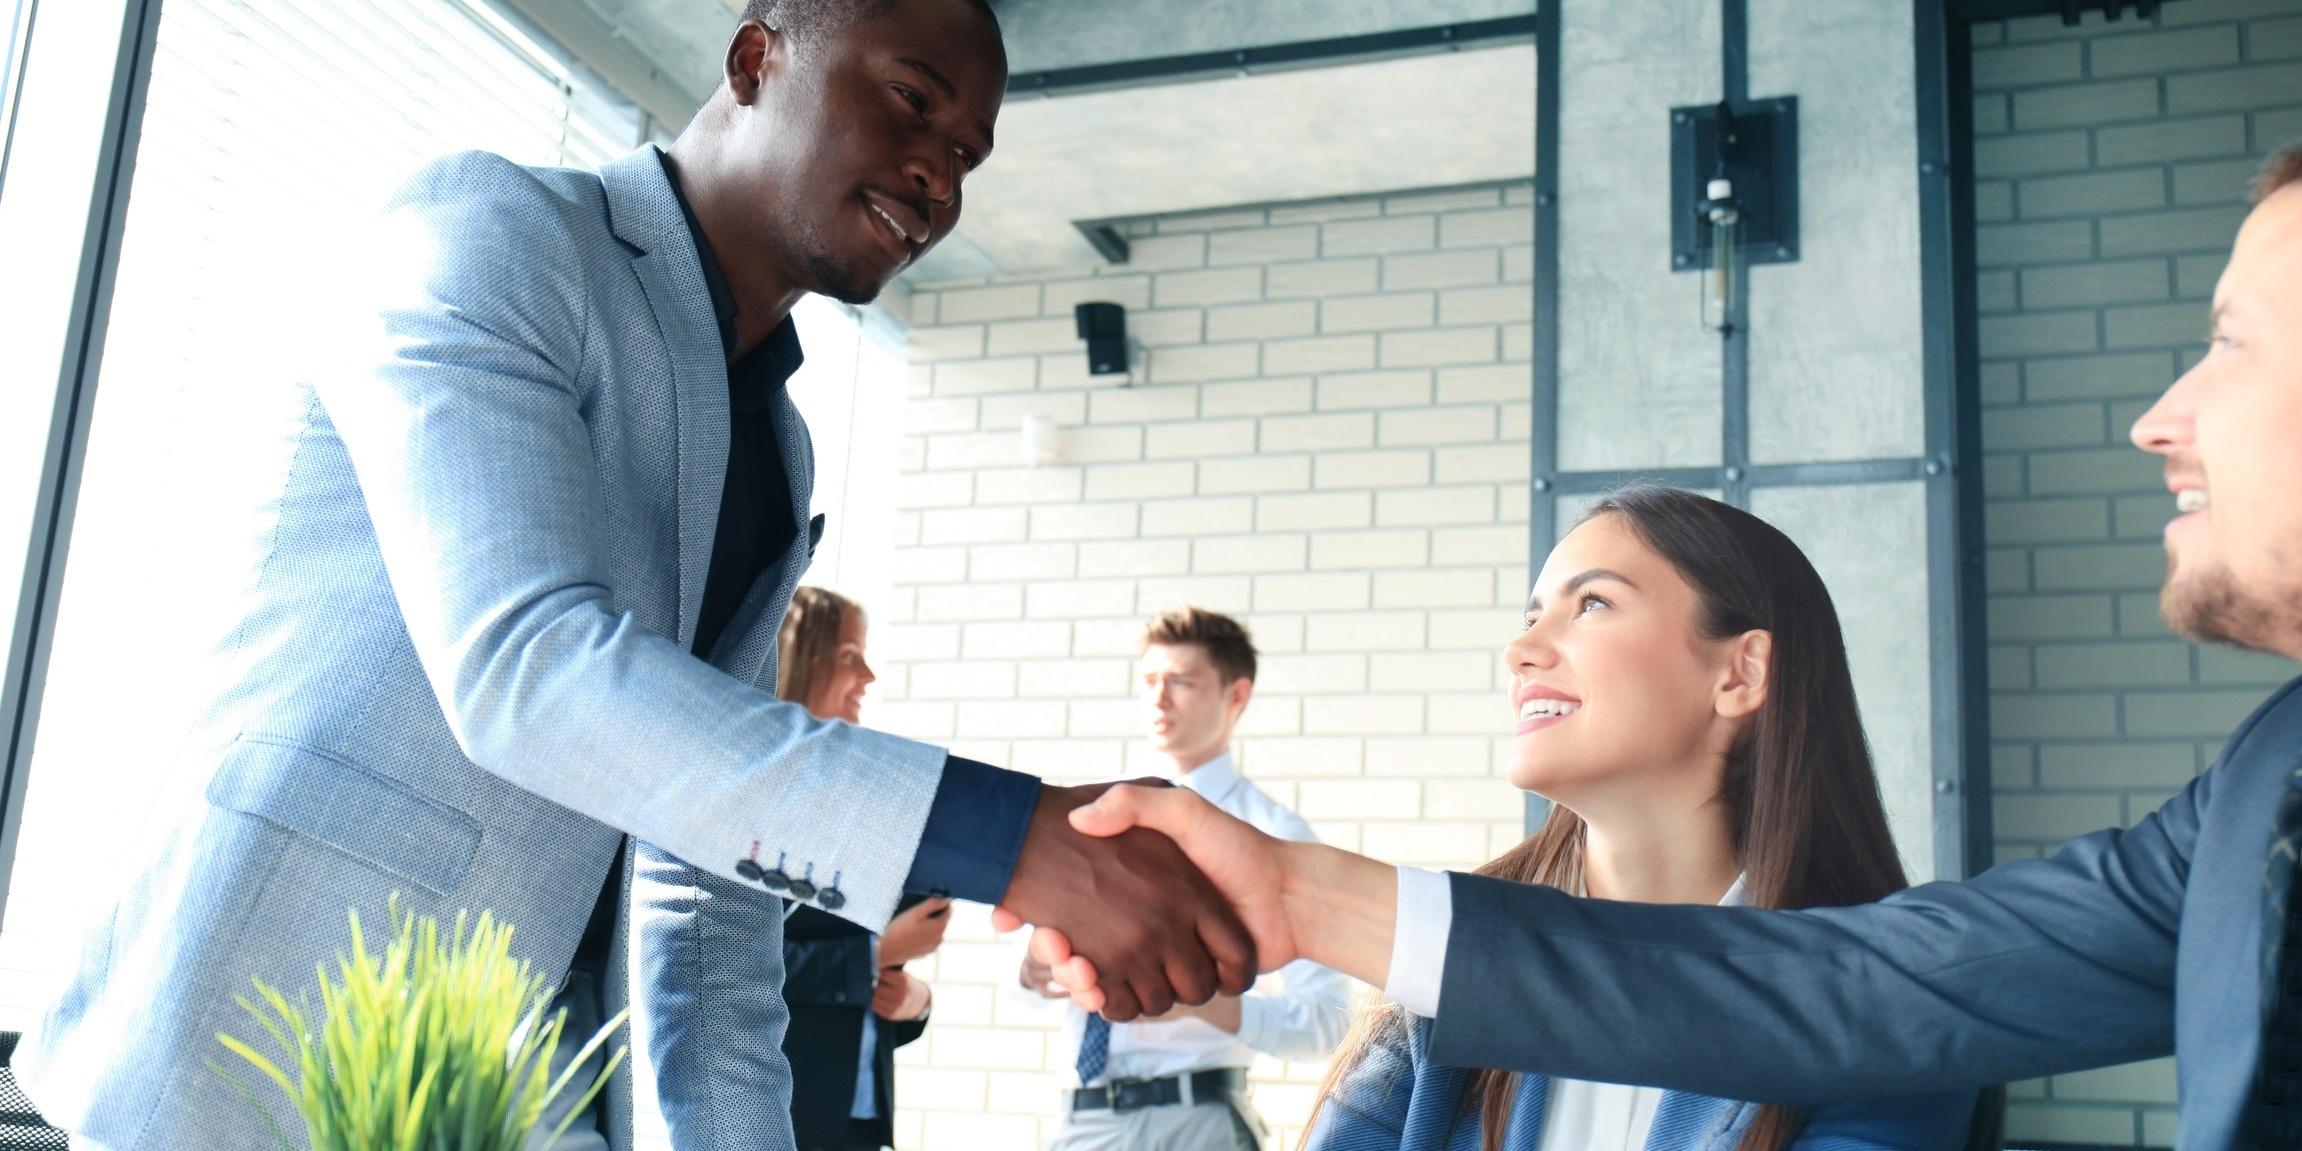 Pénurie de main-d'œuvre: Avez-vous de la difficulté à recruter?